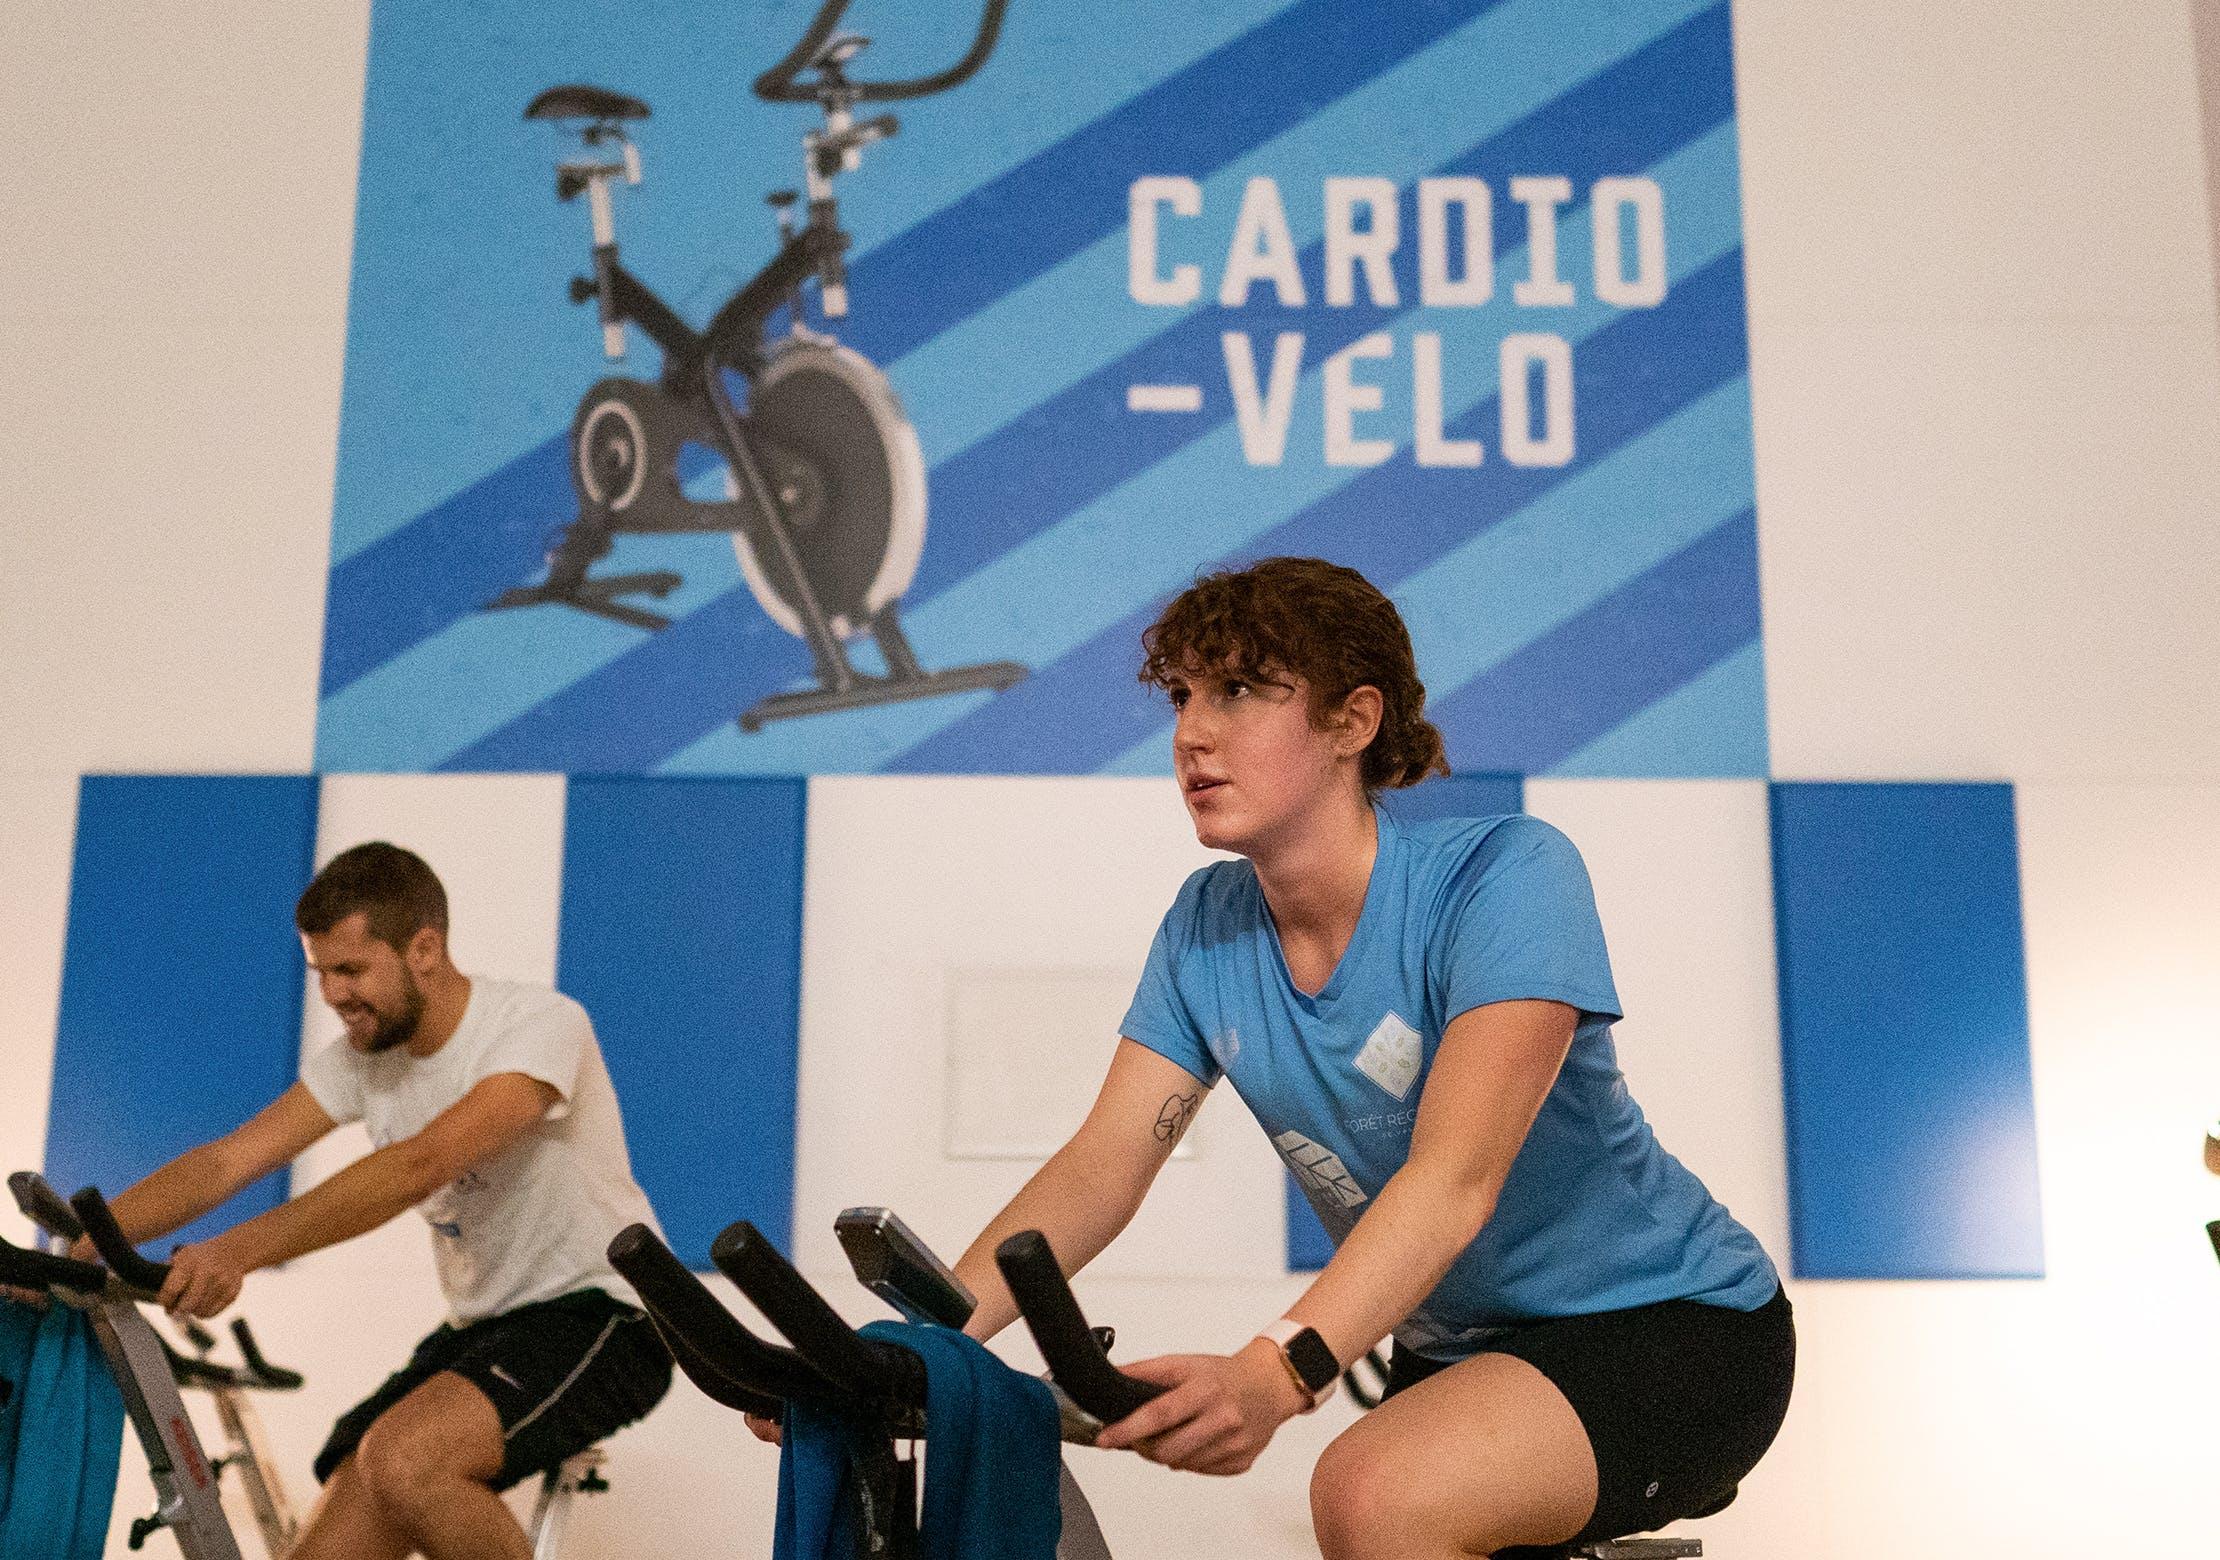 Cardio-vélo - Conditionnement physique CEPSUM